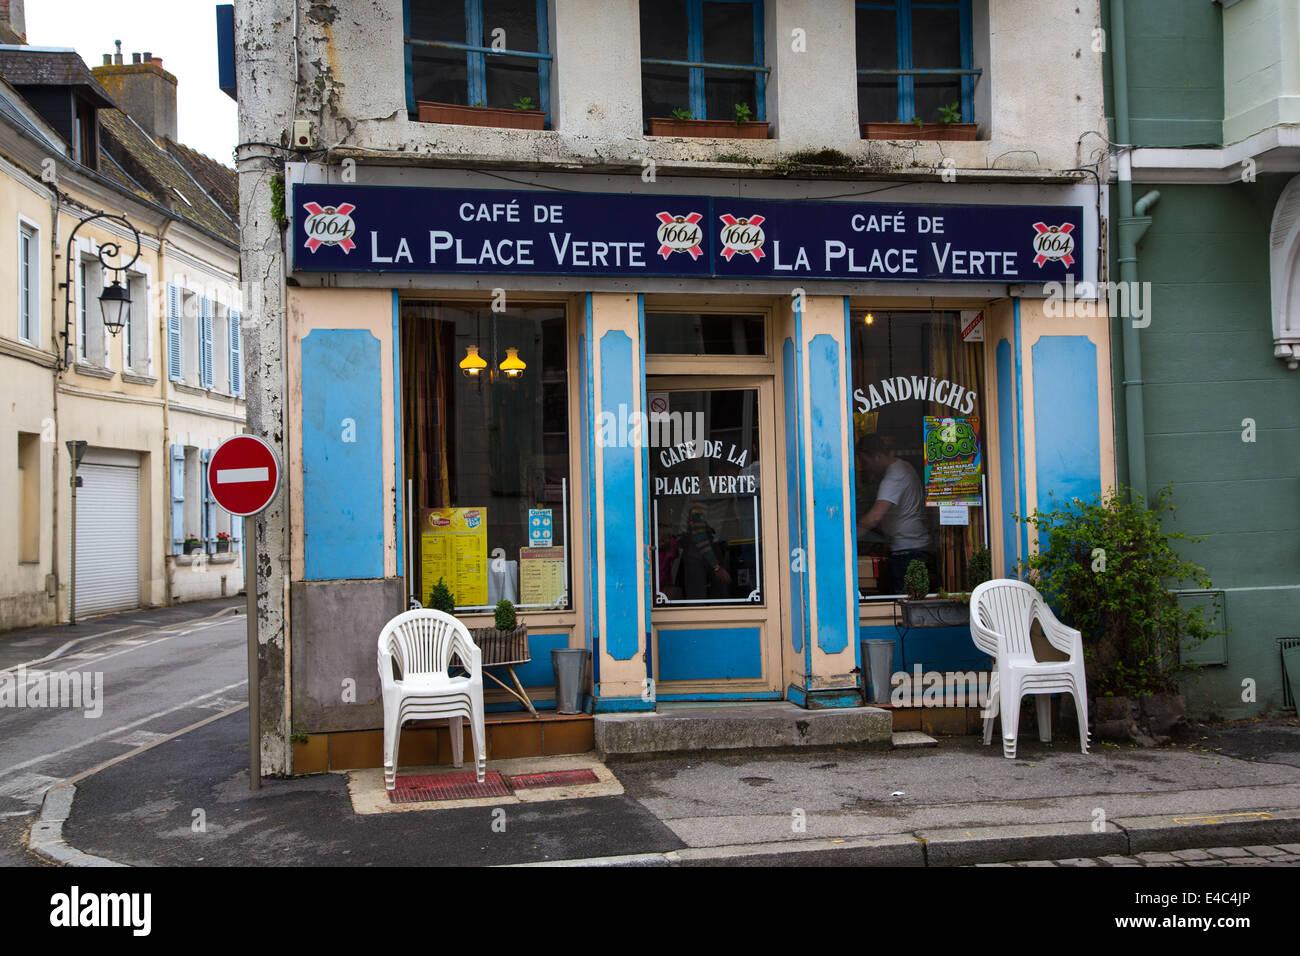 Cafe, Montreuil-sur-Mer, Pas-de-Calais, France - Stock Image